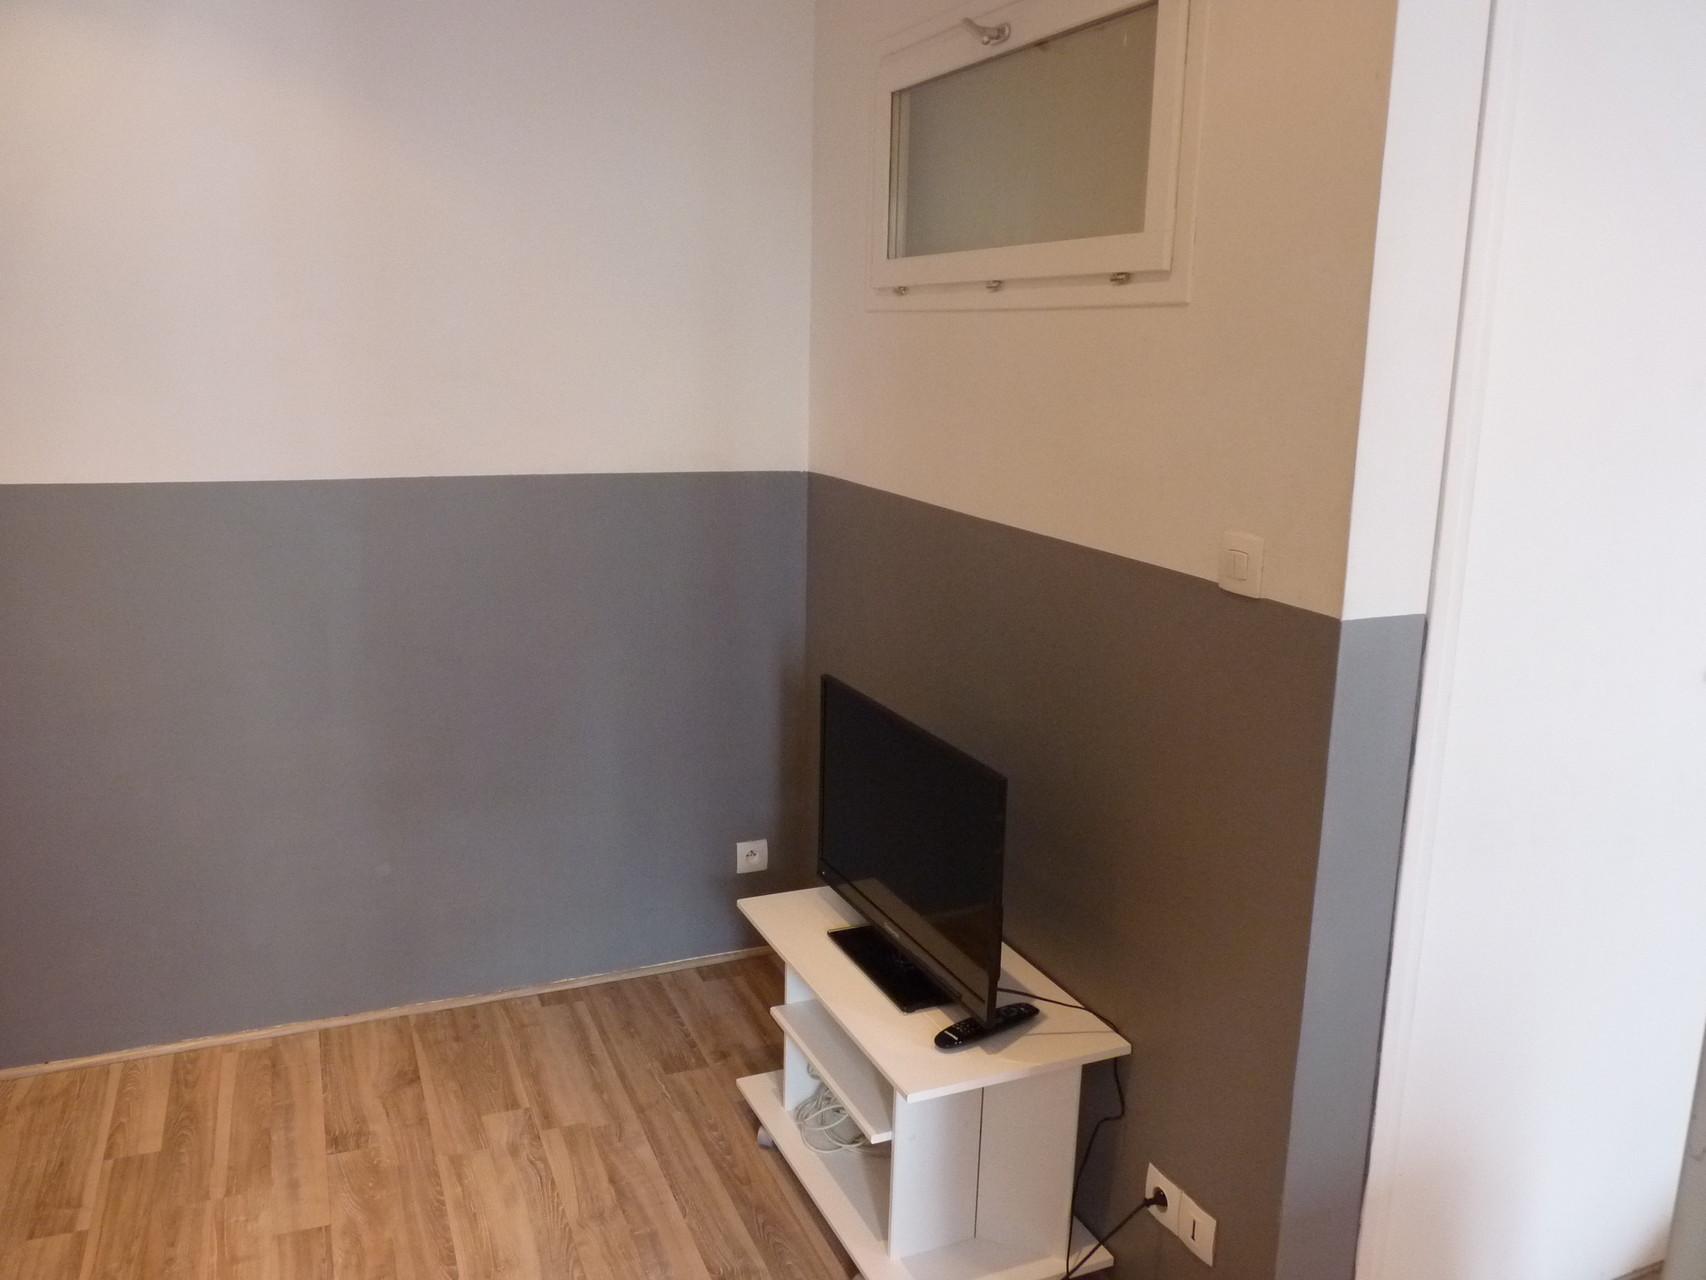 Appartement T2 Meubl Lorient Gites Urbains Lann Oriant